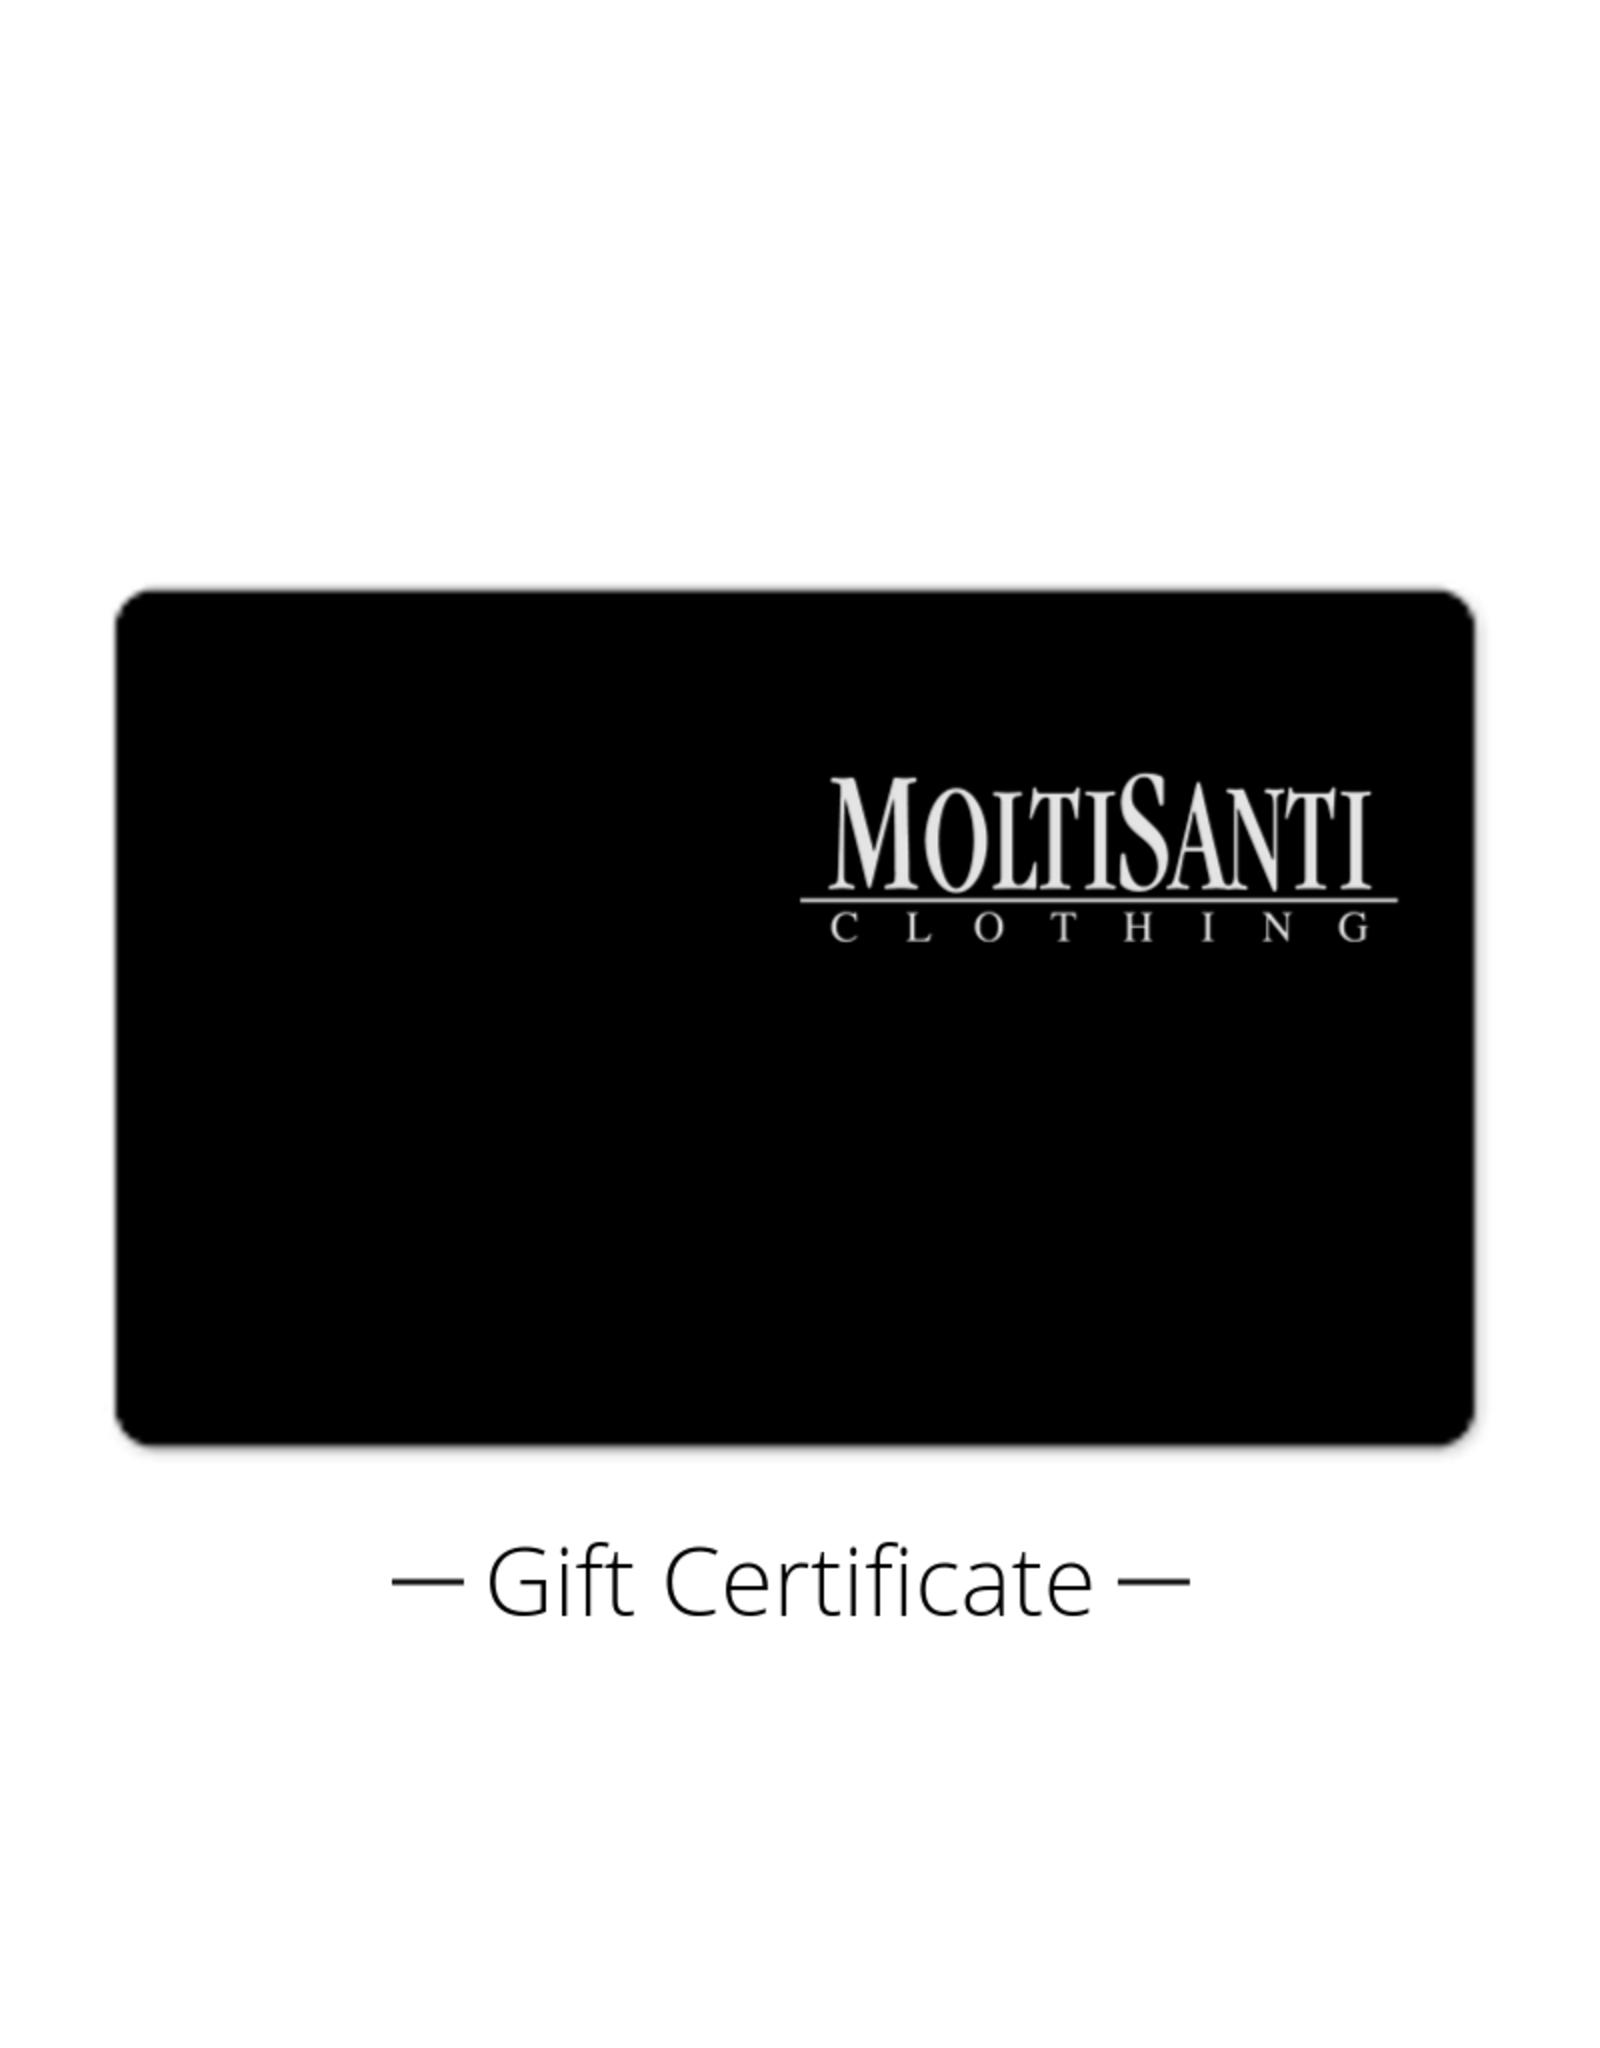 $250 Moltisanti Gift Certificate